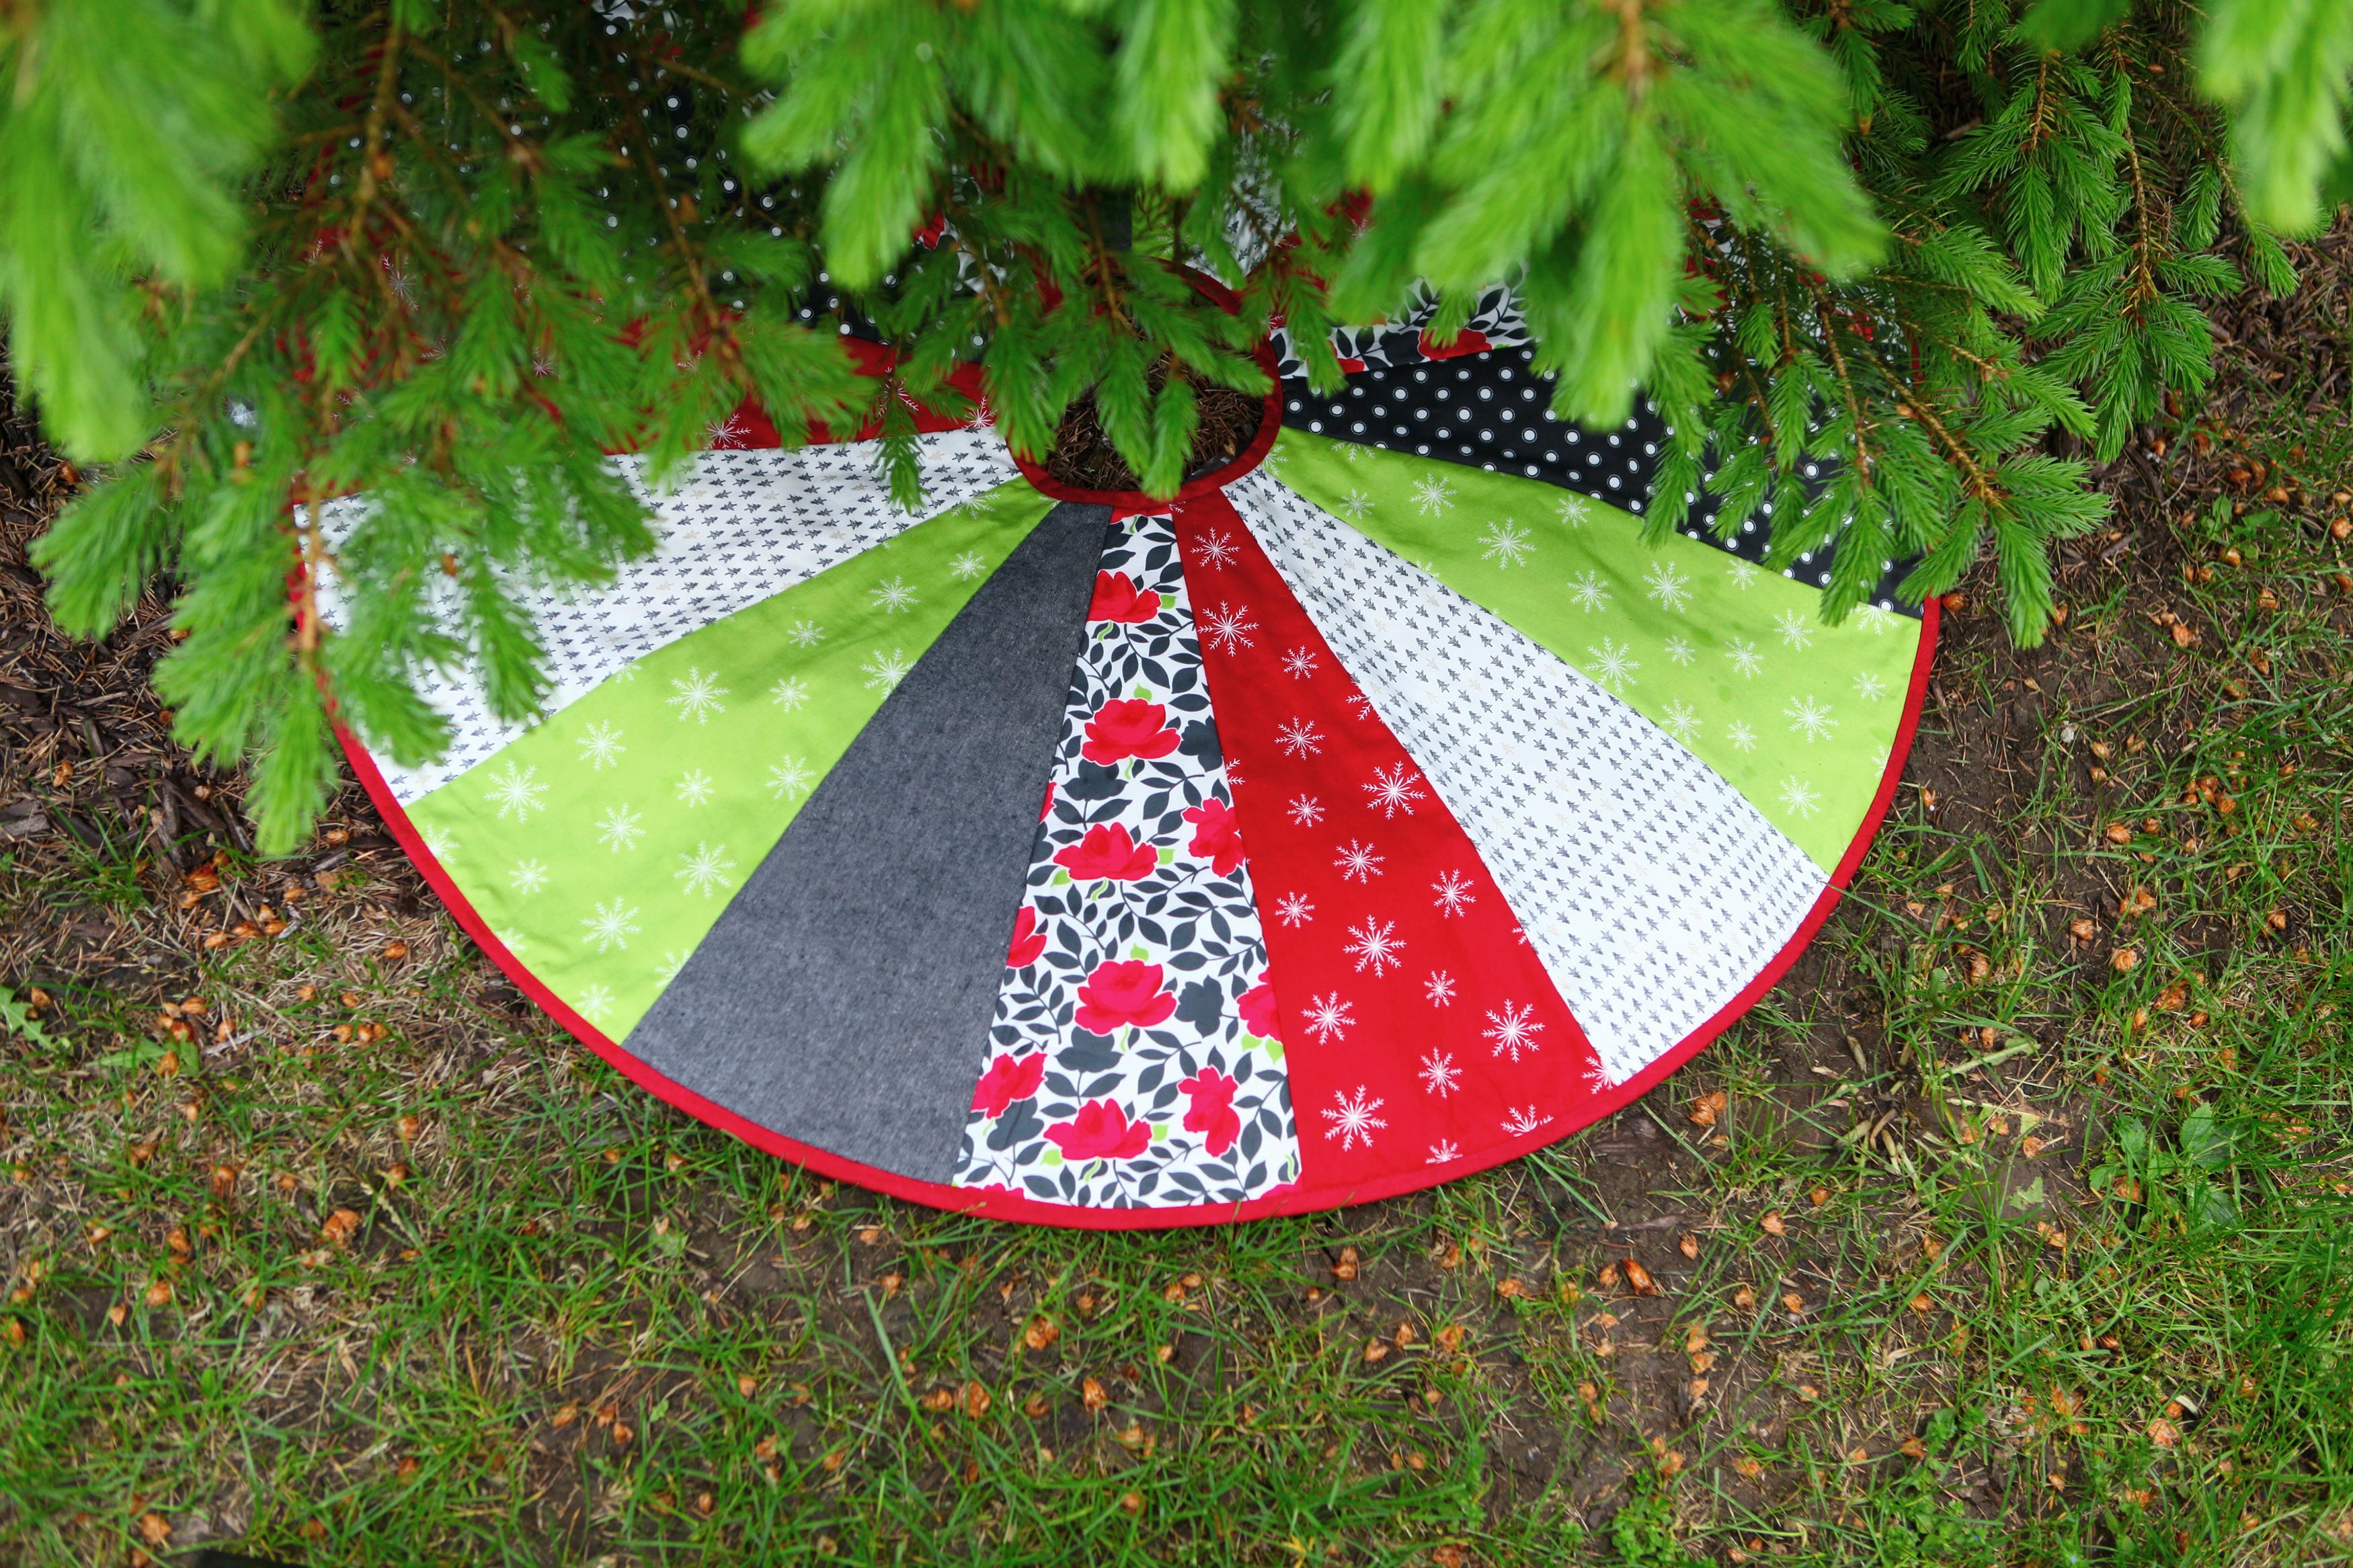 June Tailor Quilt As You Go Tree Skirt-Pattern 40 Diameter 1/Pkg